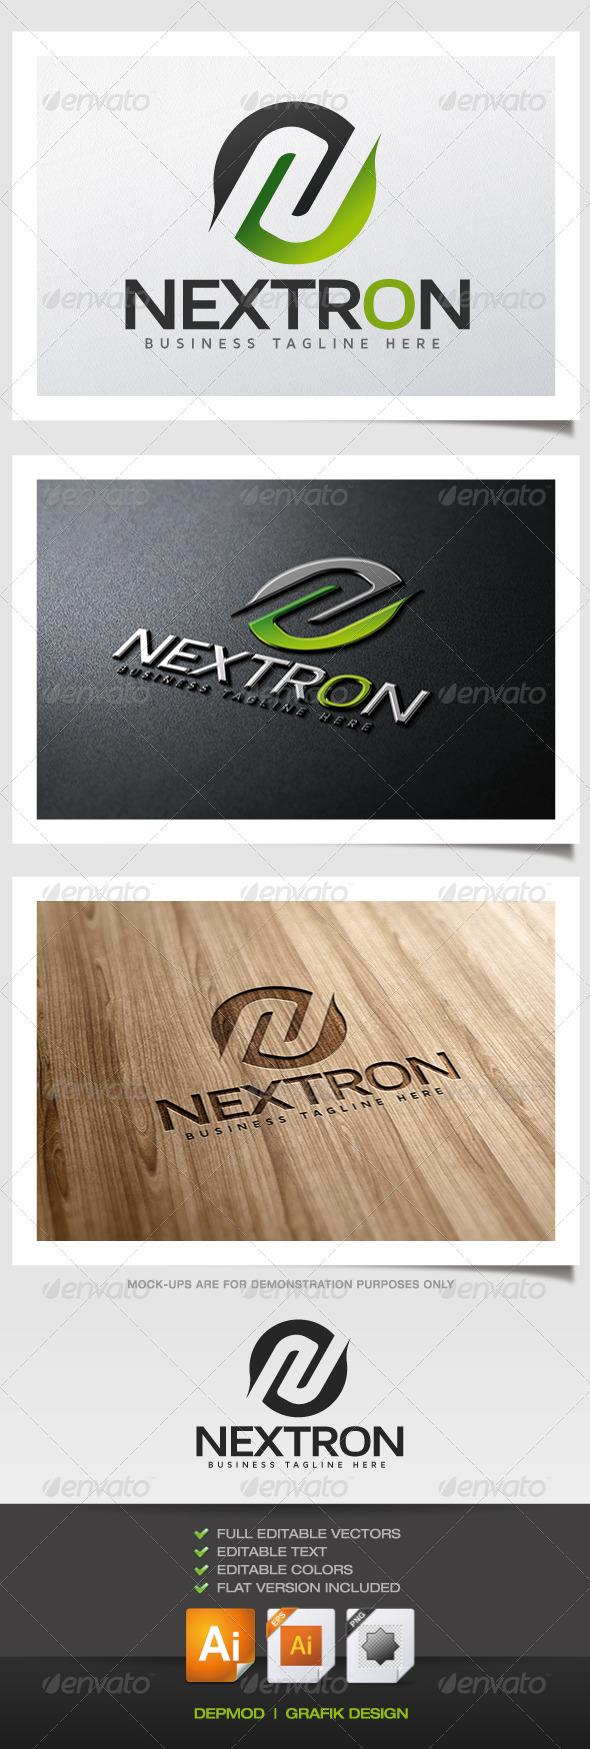 GraphicRiver Nextron Logo 6263637